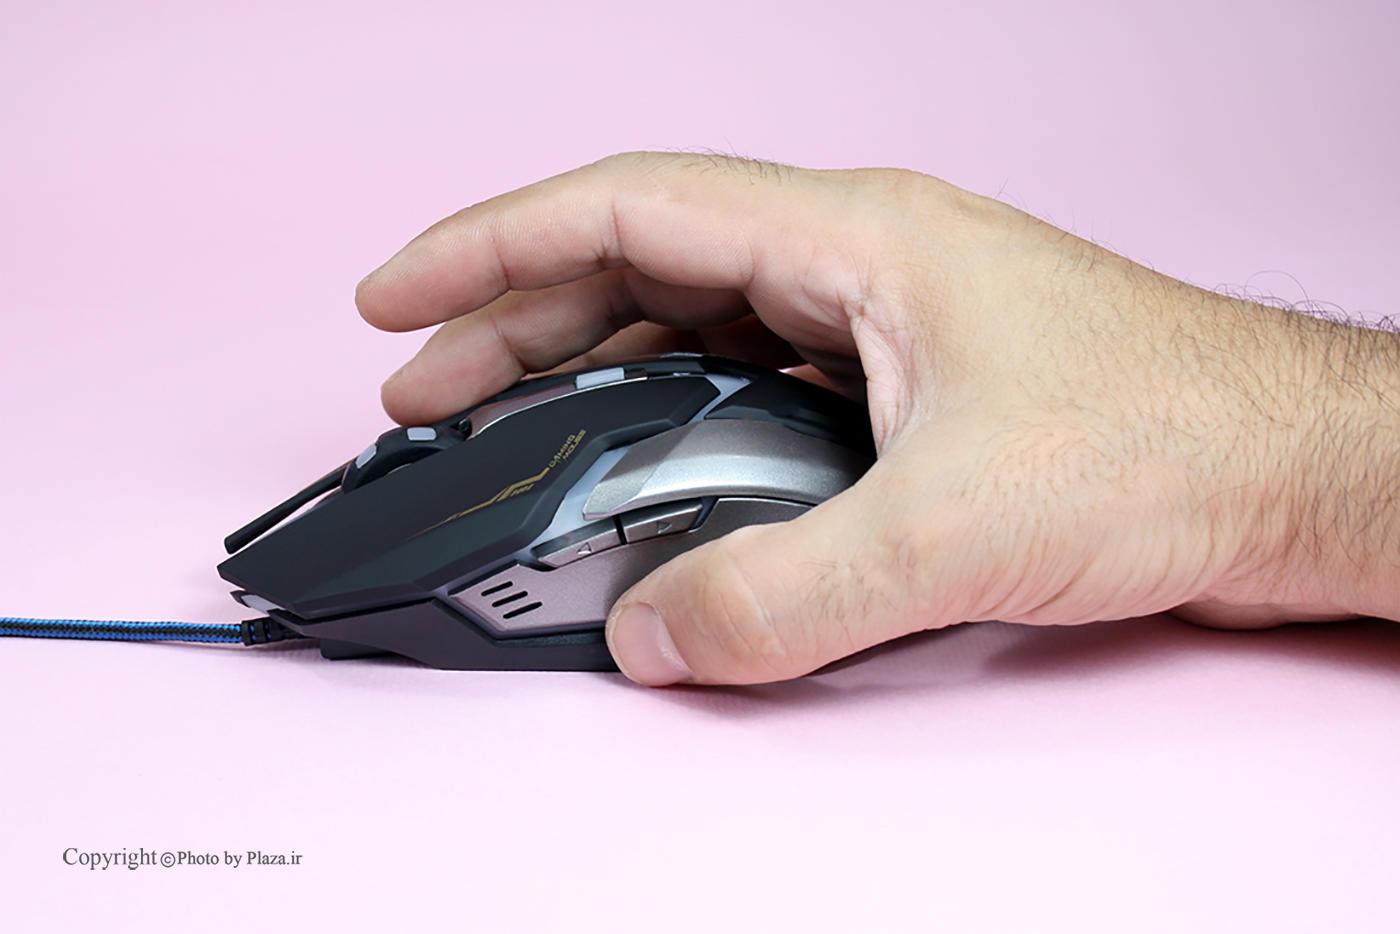 ماوس گیمینگ تسکو مدل TM 2014N